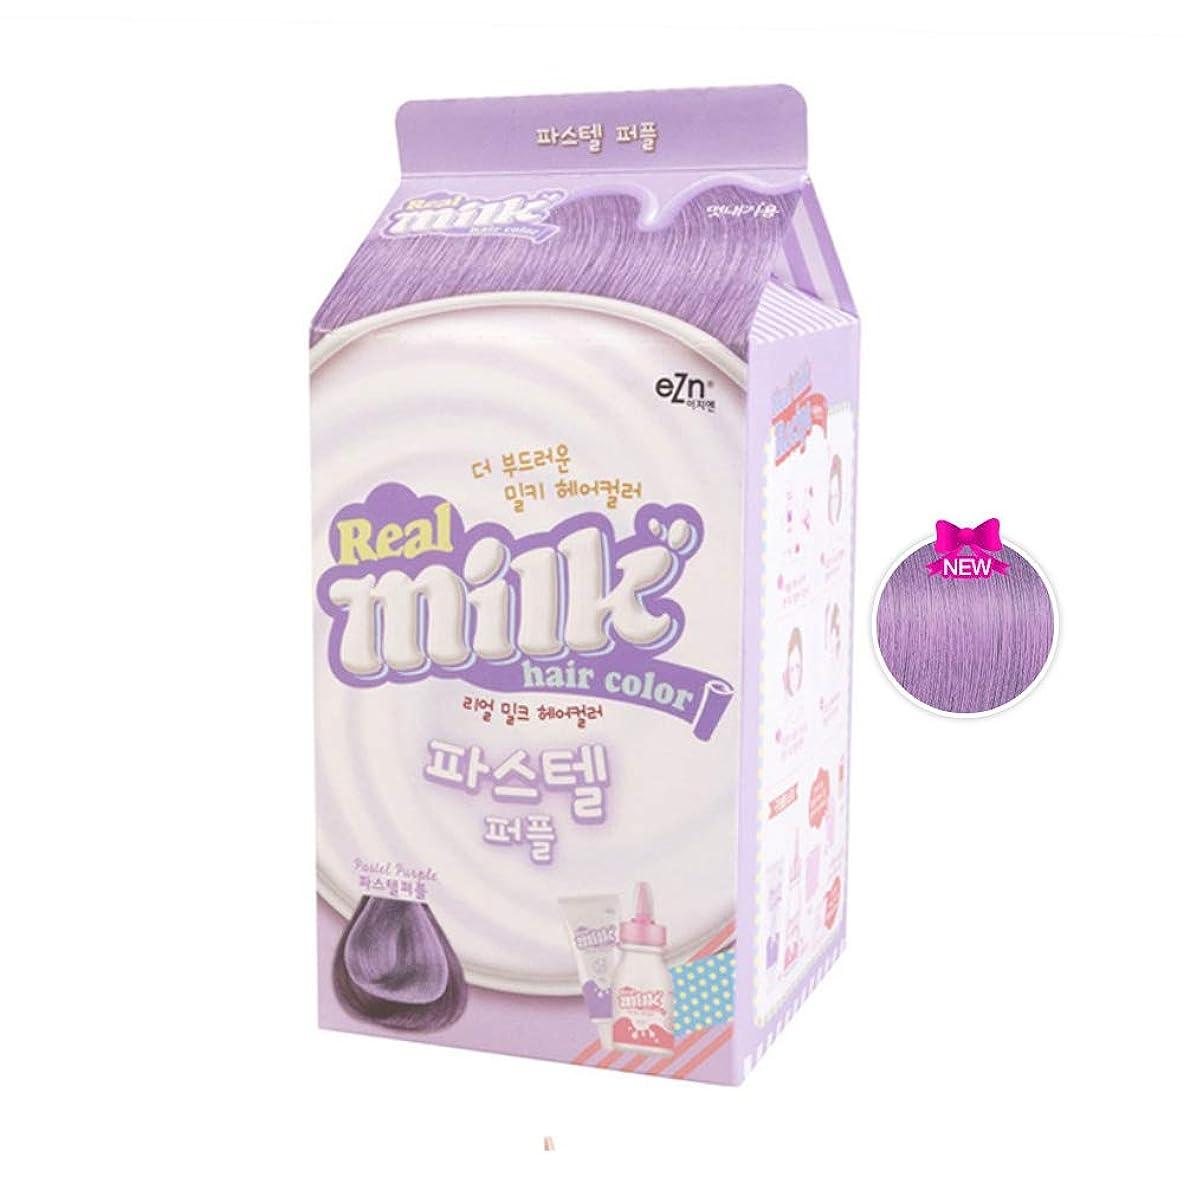 部族オーストラリア人寄生虫(Pastel Purple) パステル ヘア 4カラー 染色 牛乳 たんぱく Real 栄養 Real Smooth 紫外線遮断剤含有 Hair Dye 並行輸入